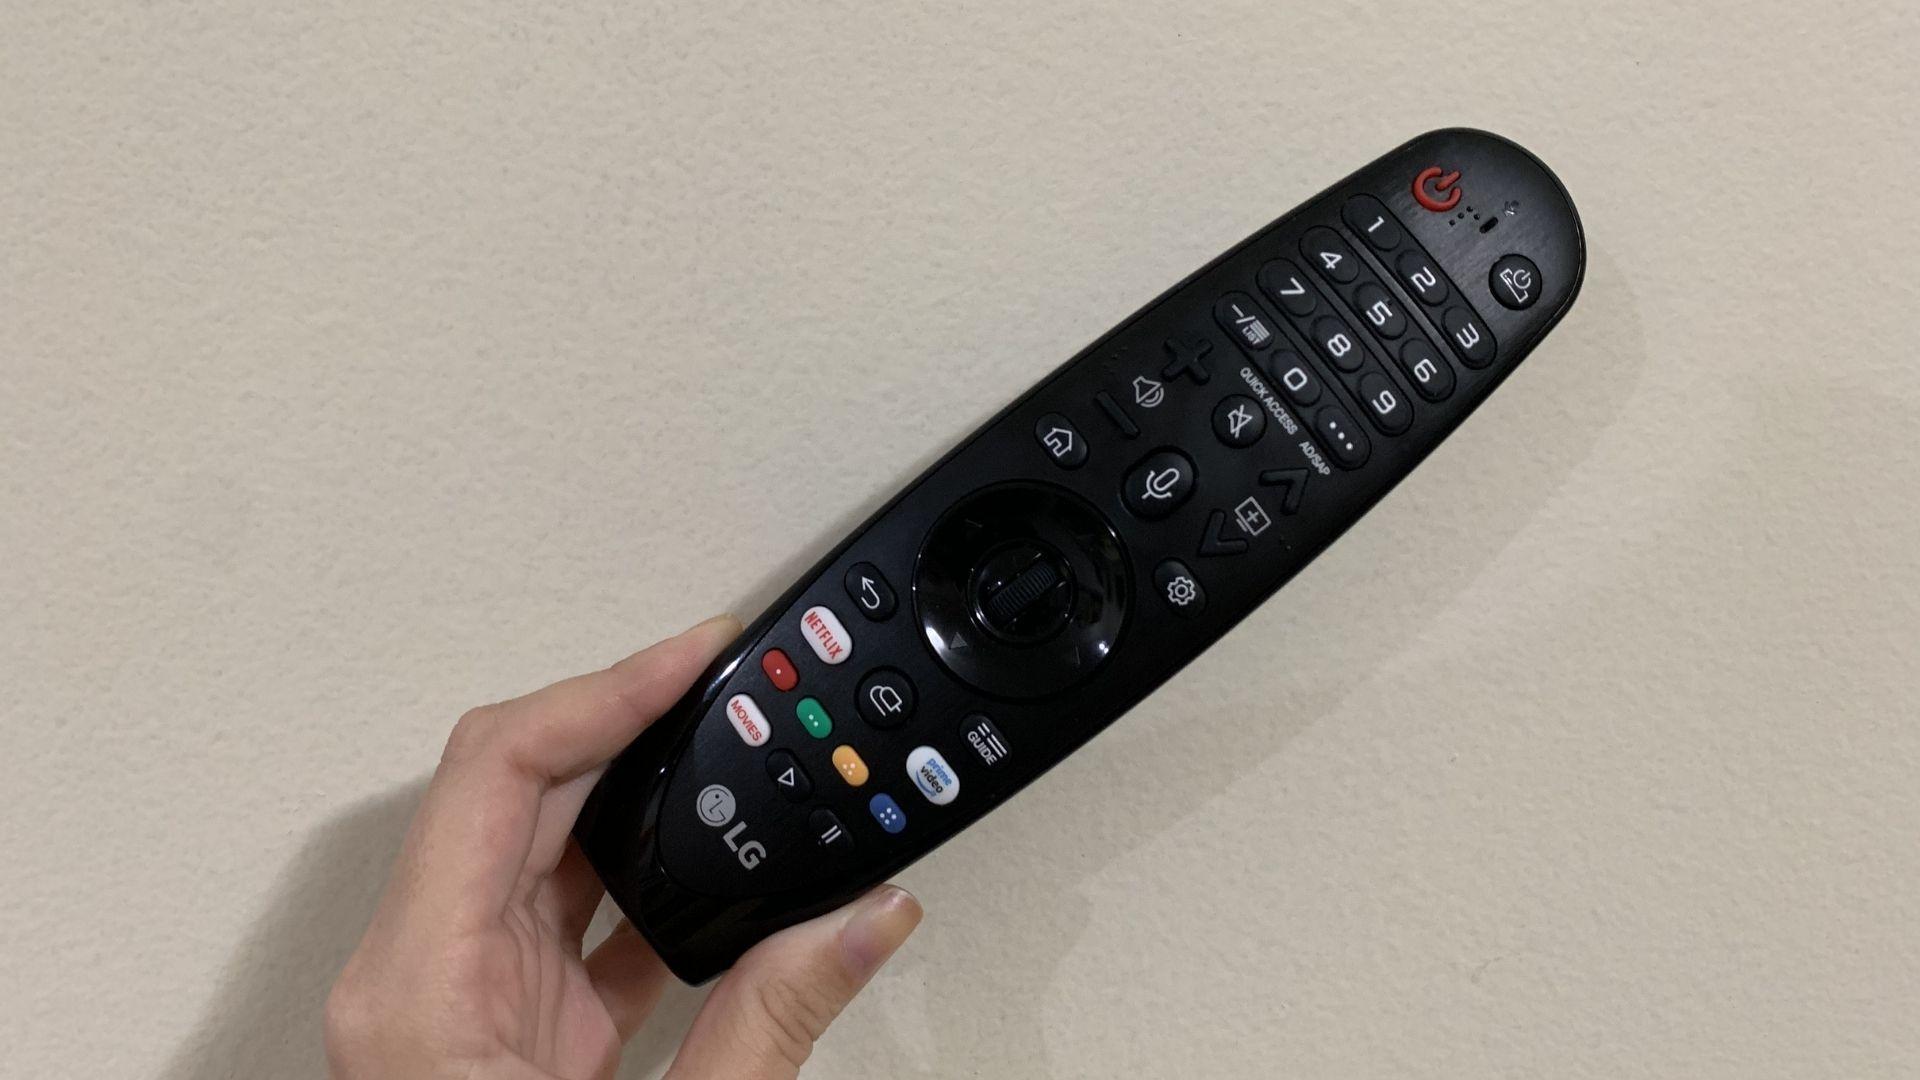 Smart Magic, da LG, tem botão para comando voz, Netflix e Amazon Prime. (Imagem: Yulli DIas/Zoom)